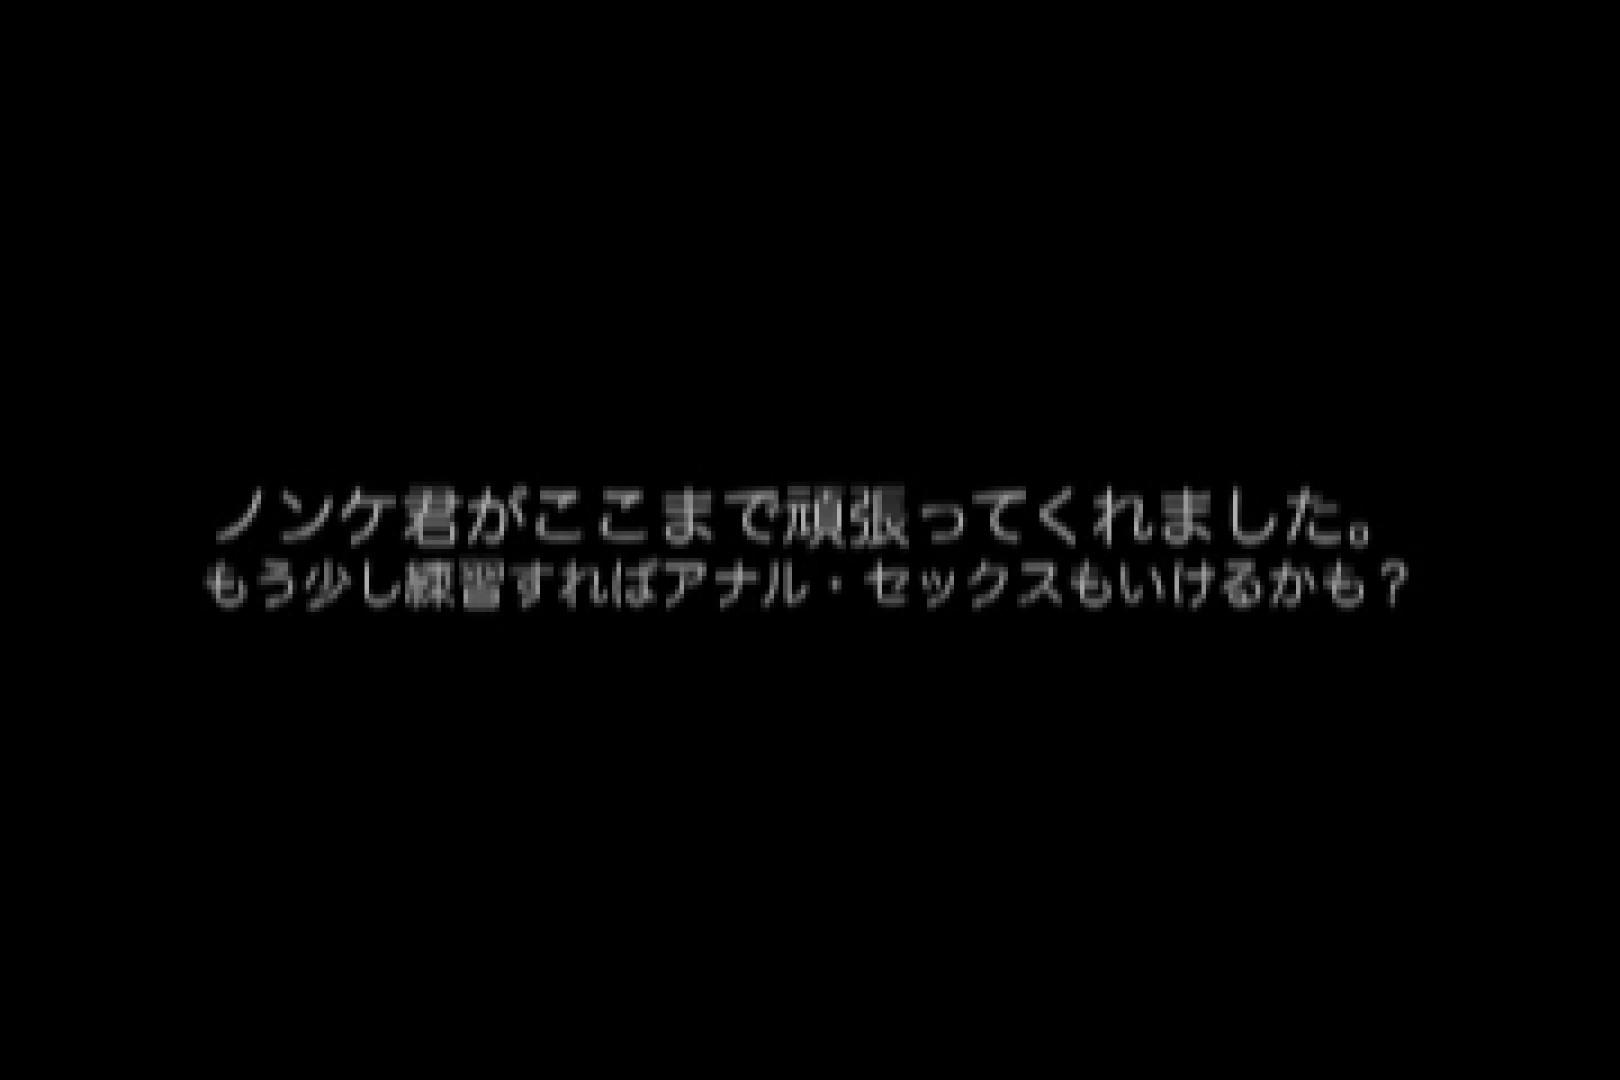 ノンケよしき君のイカされ日記…vol.03 アナル特集 男同士動画 103枚 26